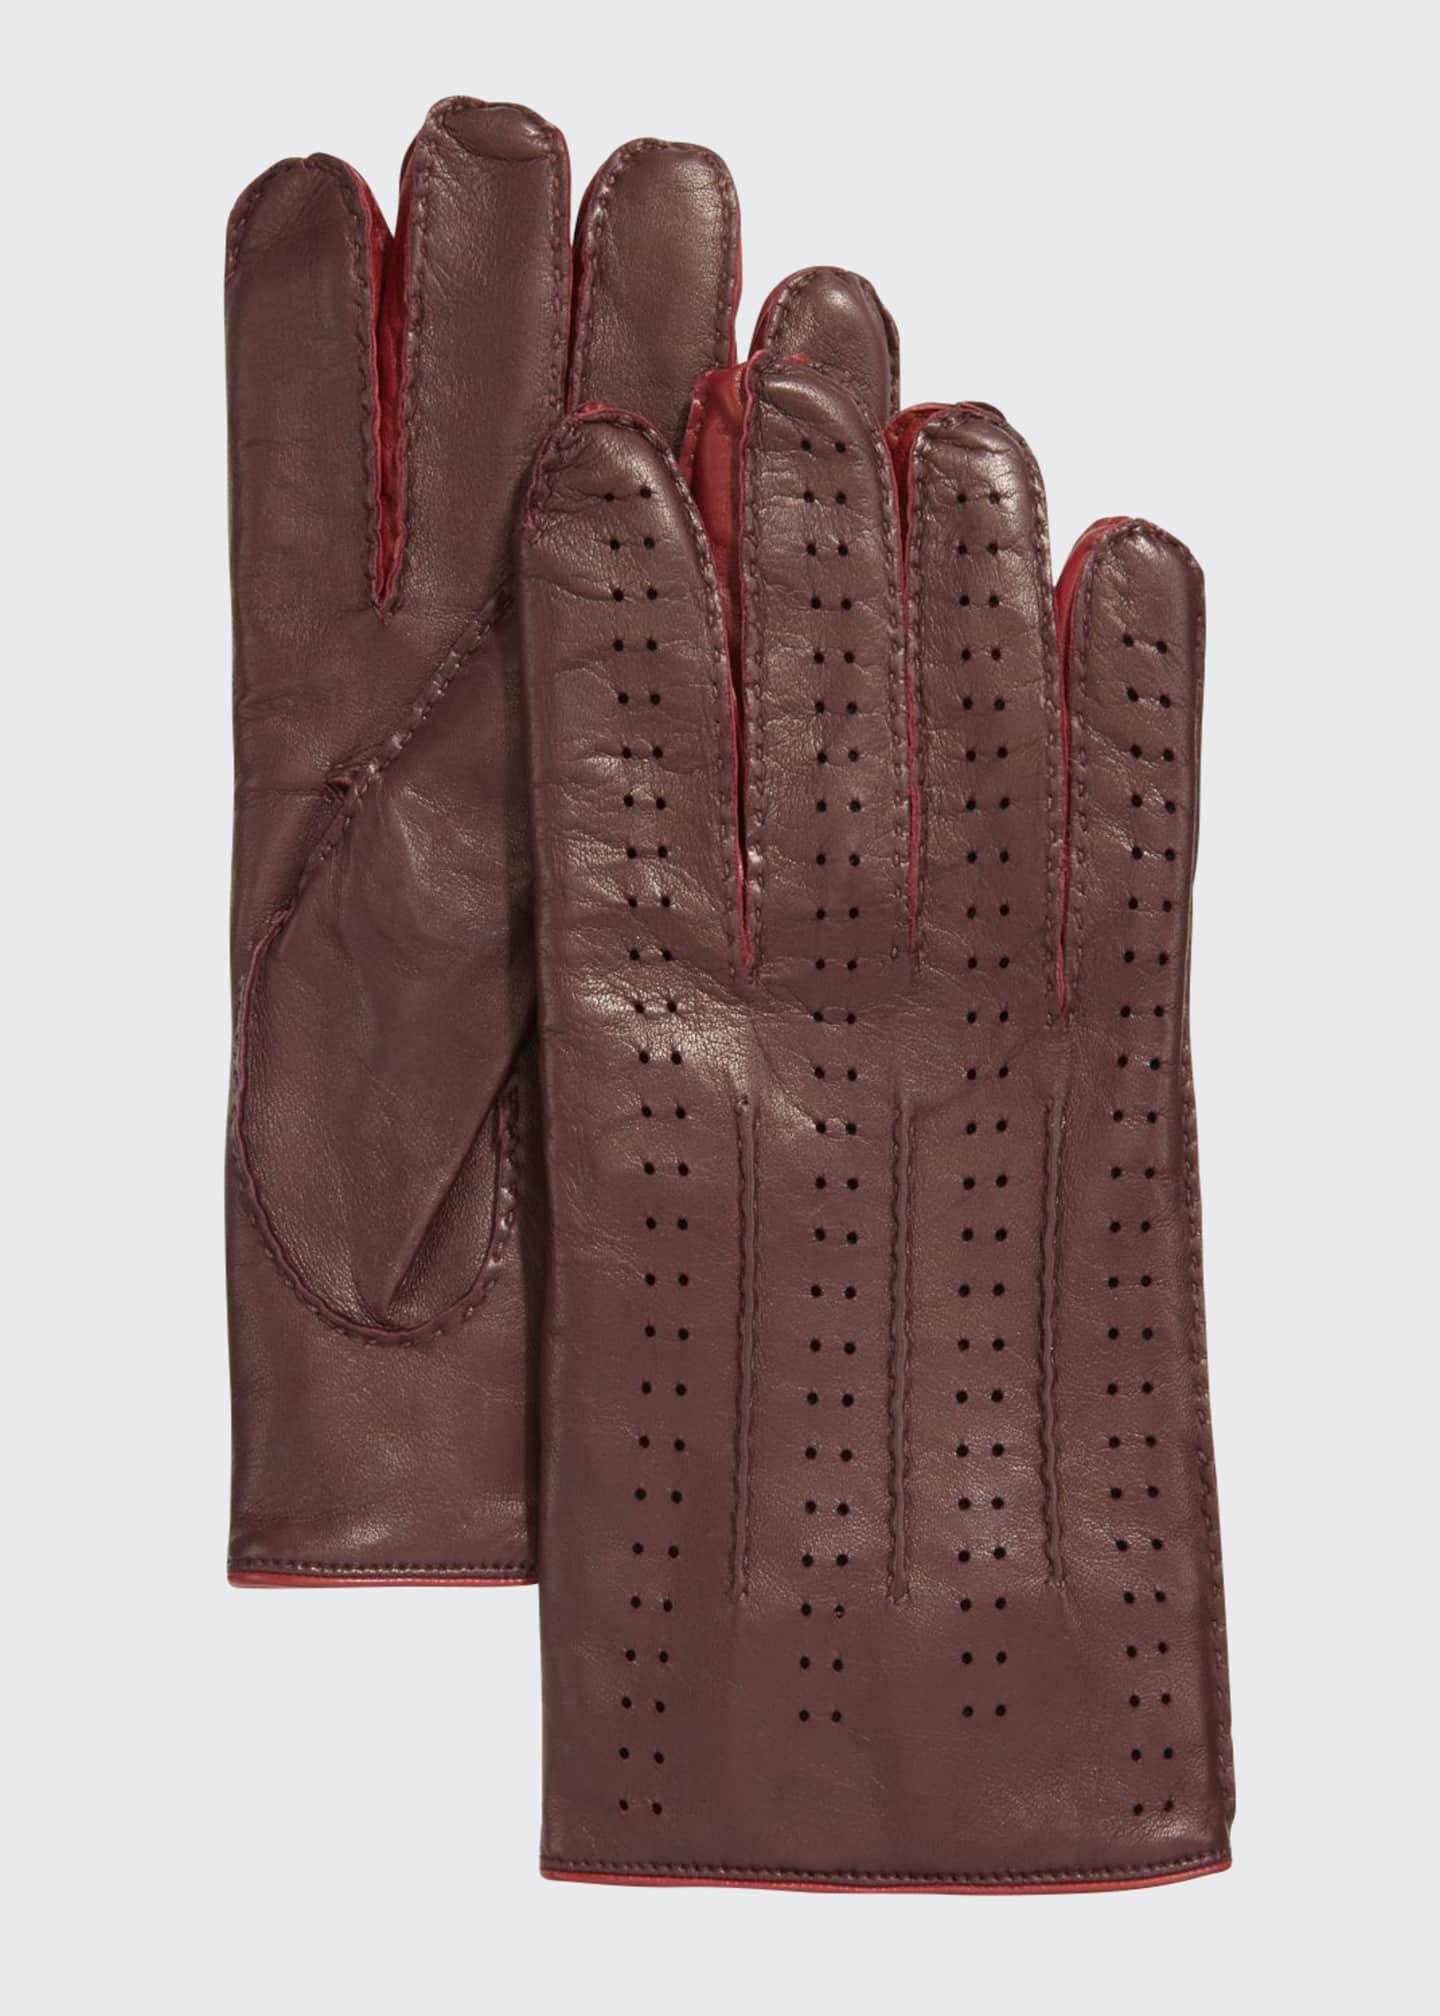 Guanti Giglio Fiorentino Men's Two-Tone Perforated Napa Leather